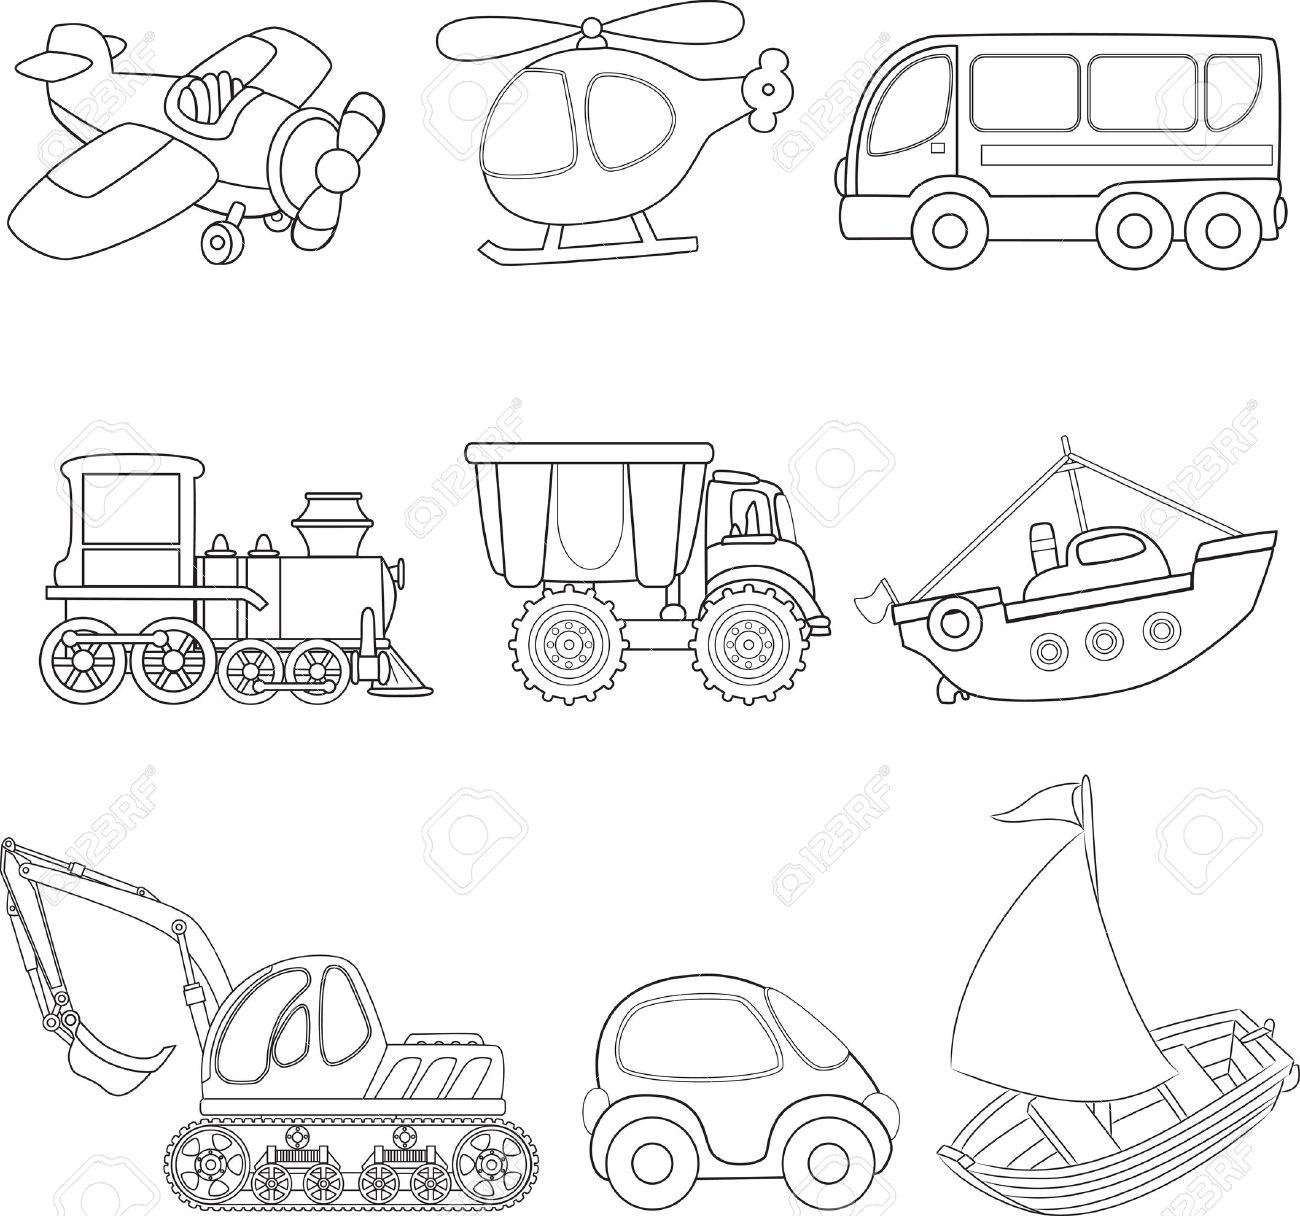 Livre De Coloriage De Dessin Anime De Transport Clip Art Libres De Droits Vecteurs Et Illustration Image 16710049